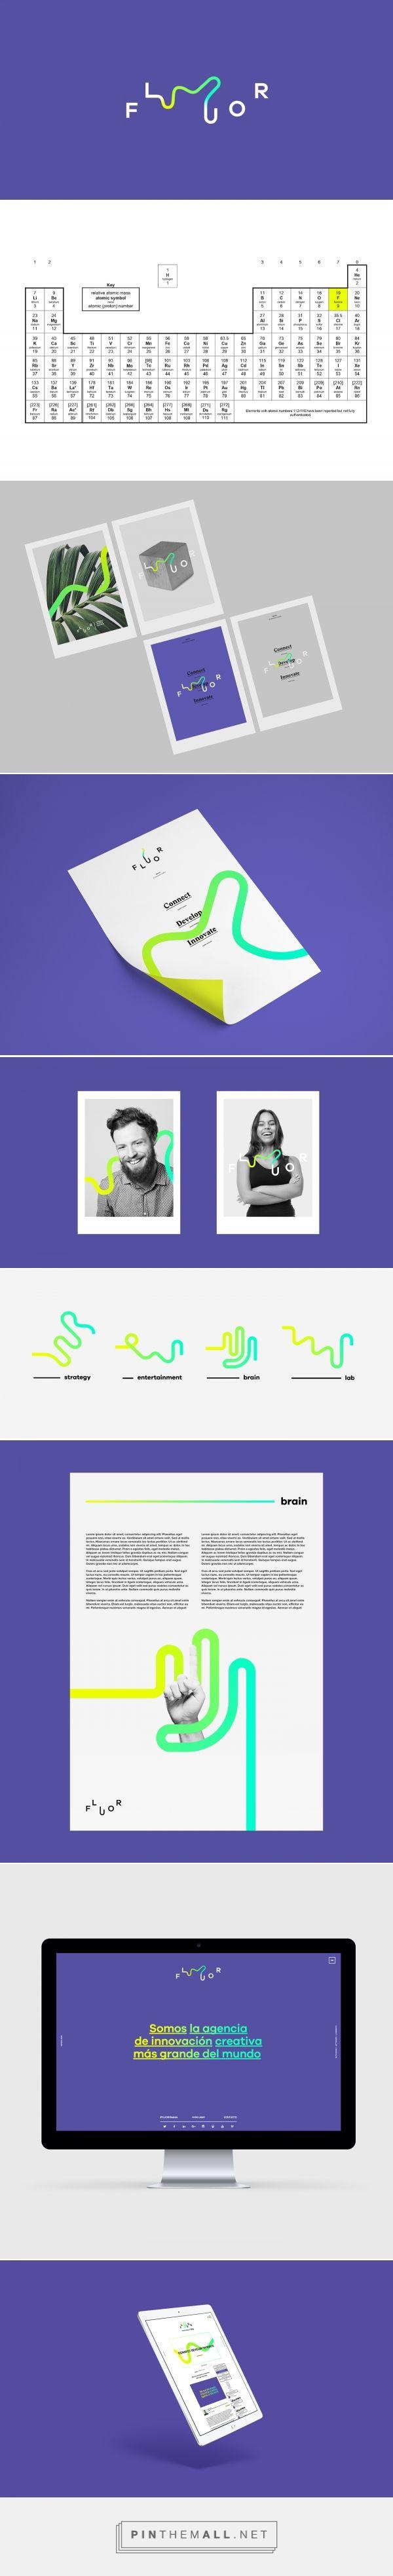 Fluor Naming & Branding on Behance - created via https://pinthemall.net